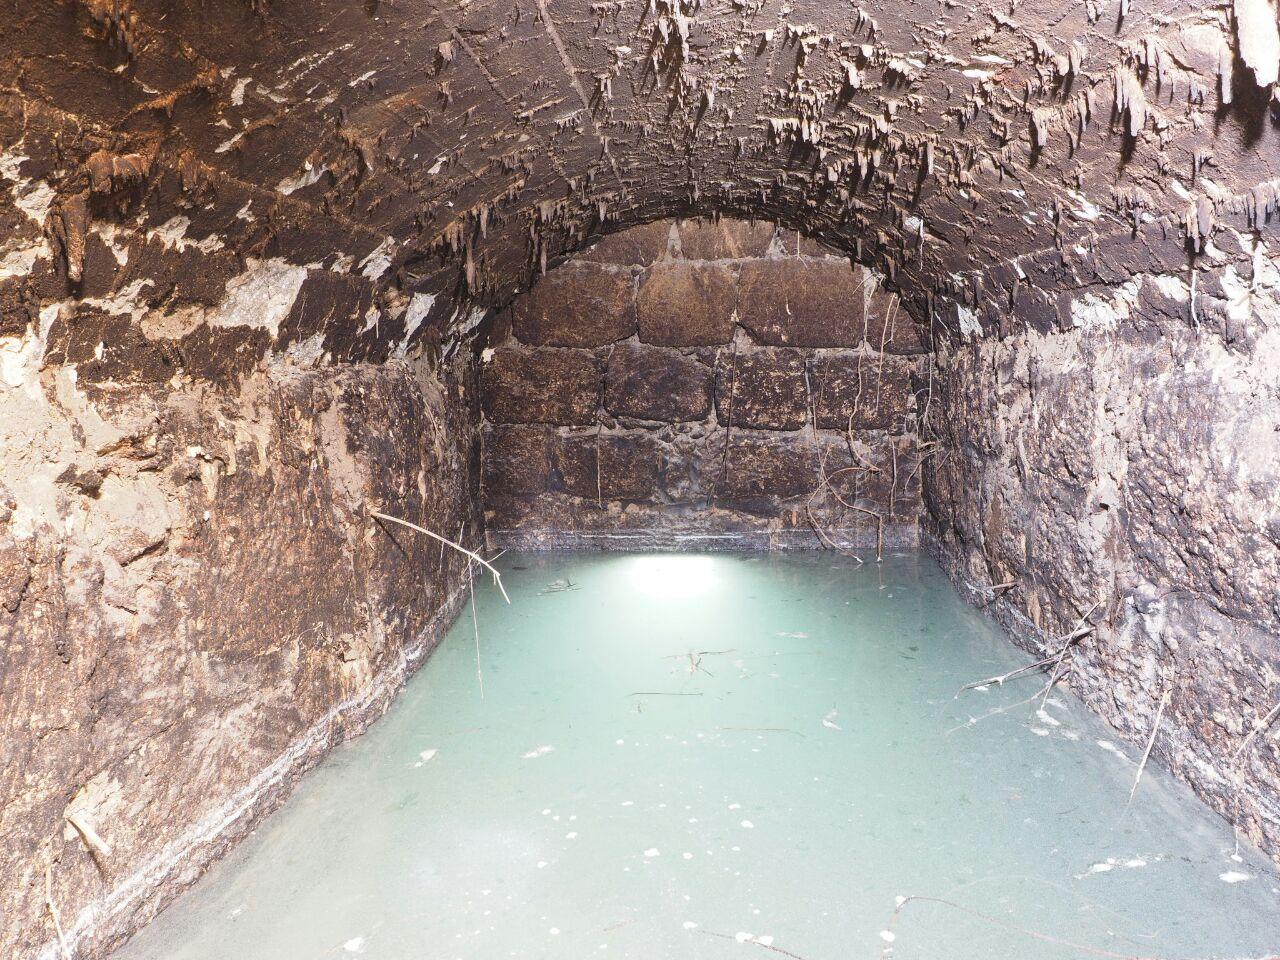 מאגר המים אשר שימש, להערכת החוקרים, לאגירת עודפי המים מהבאר. צילום: אסף פרץ